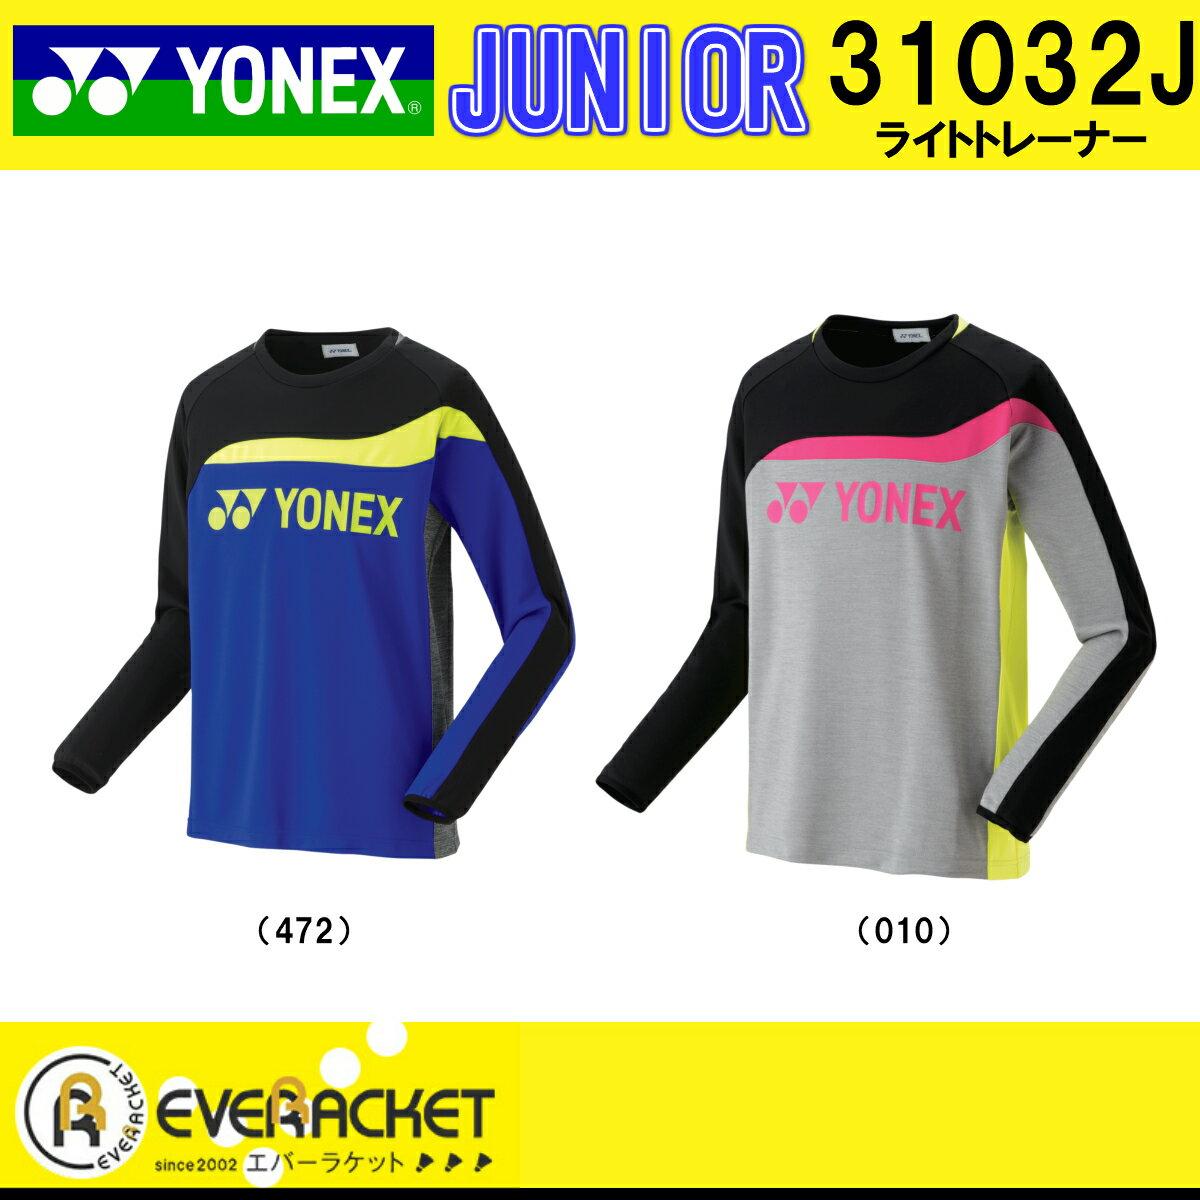 【お買い得商品】YONEX ヨネックス バドミントン テニス ソフトテニス ウエア ジュニアライトトレーナー 31032J